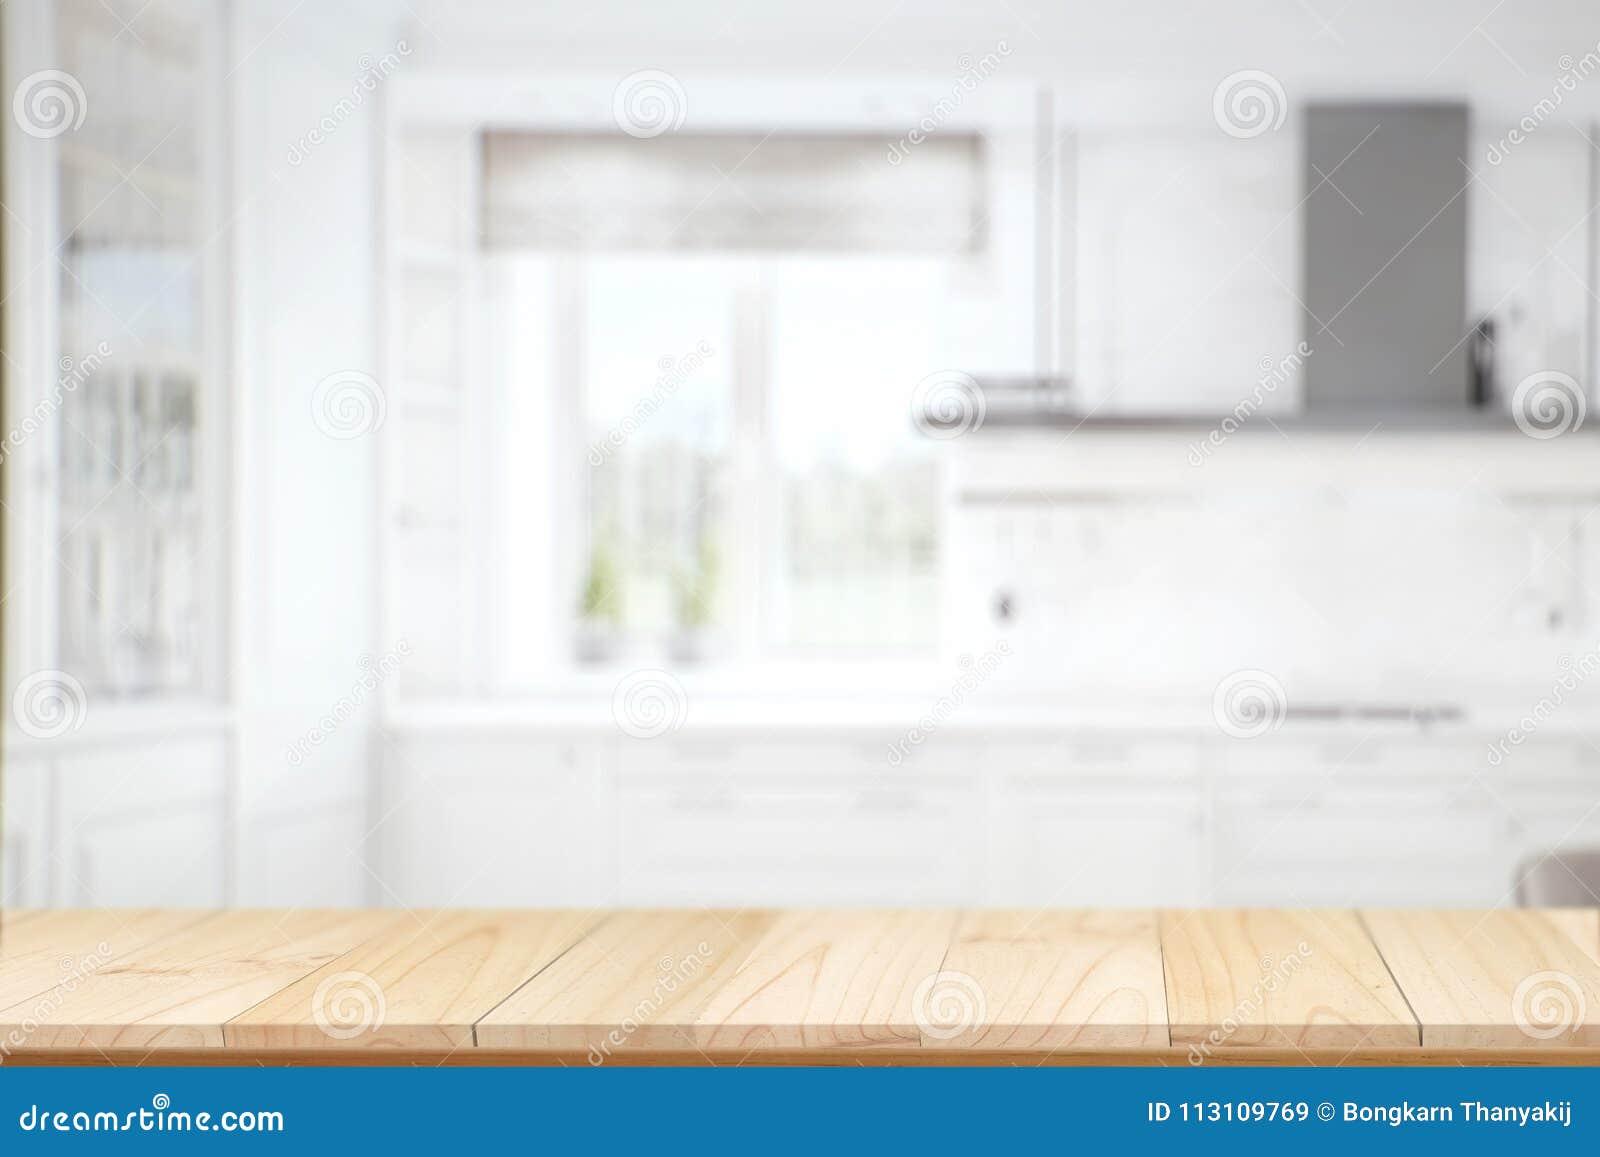 9,9,9 Kitchen Table Photos   Free & Royalty Free Stock Photos ...